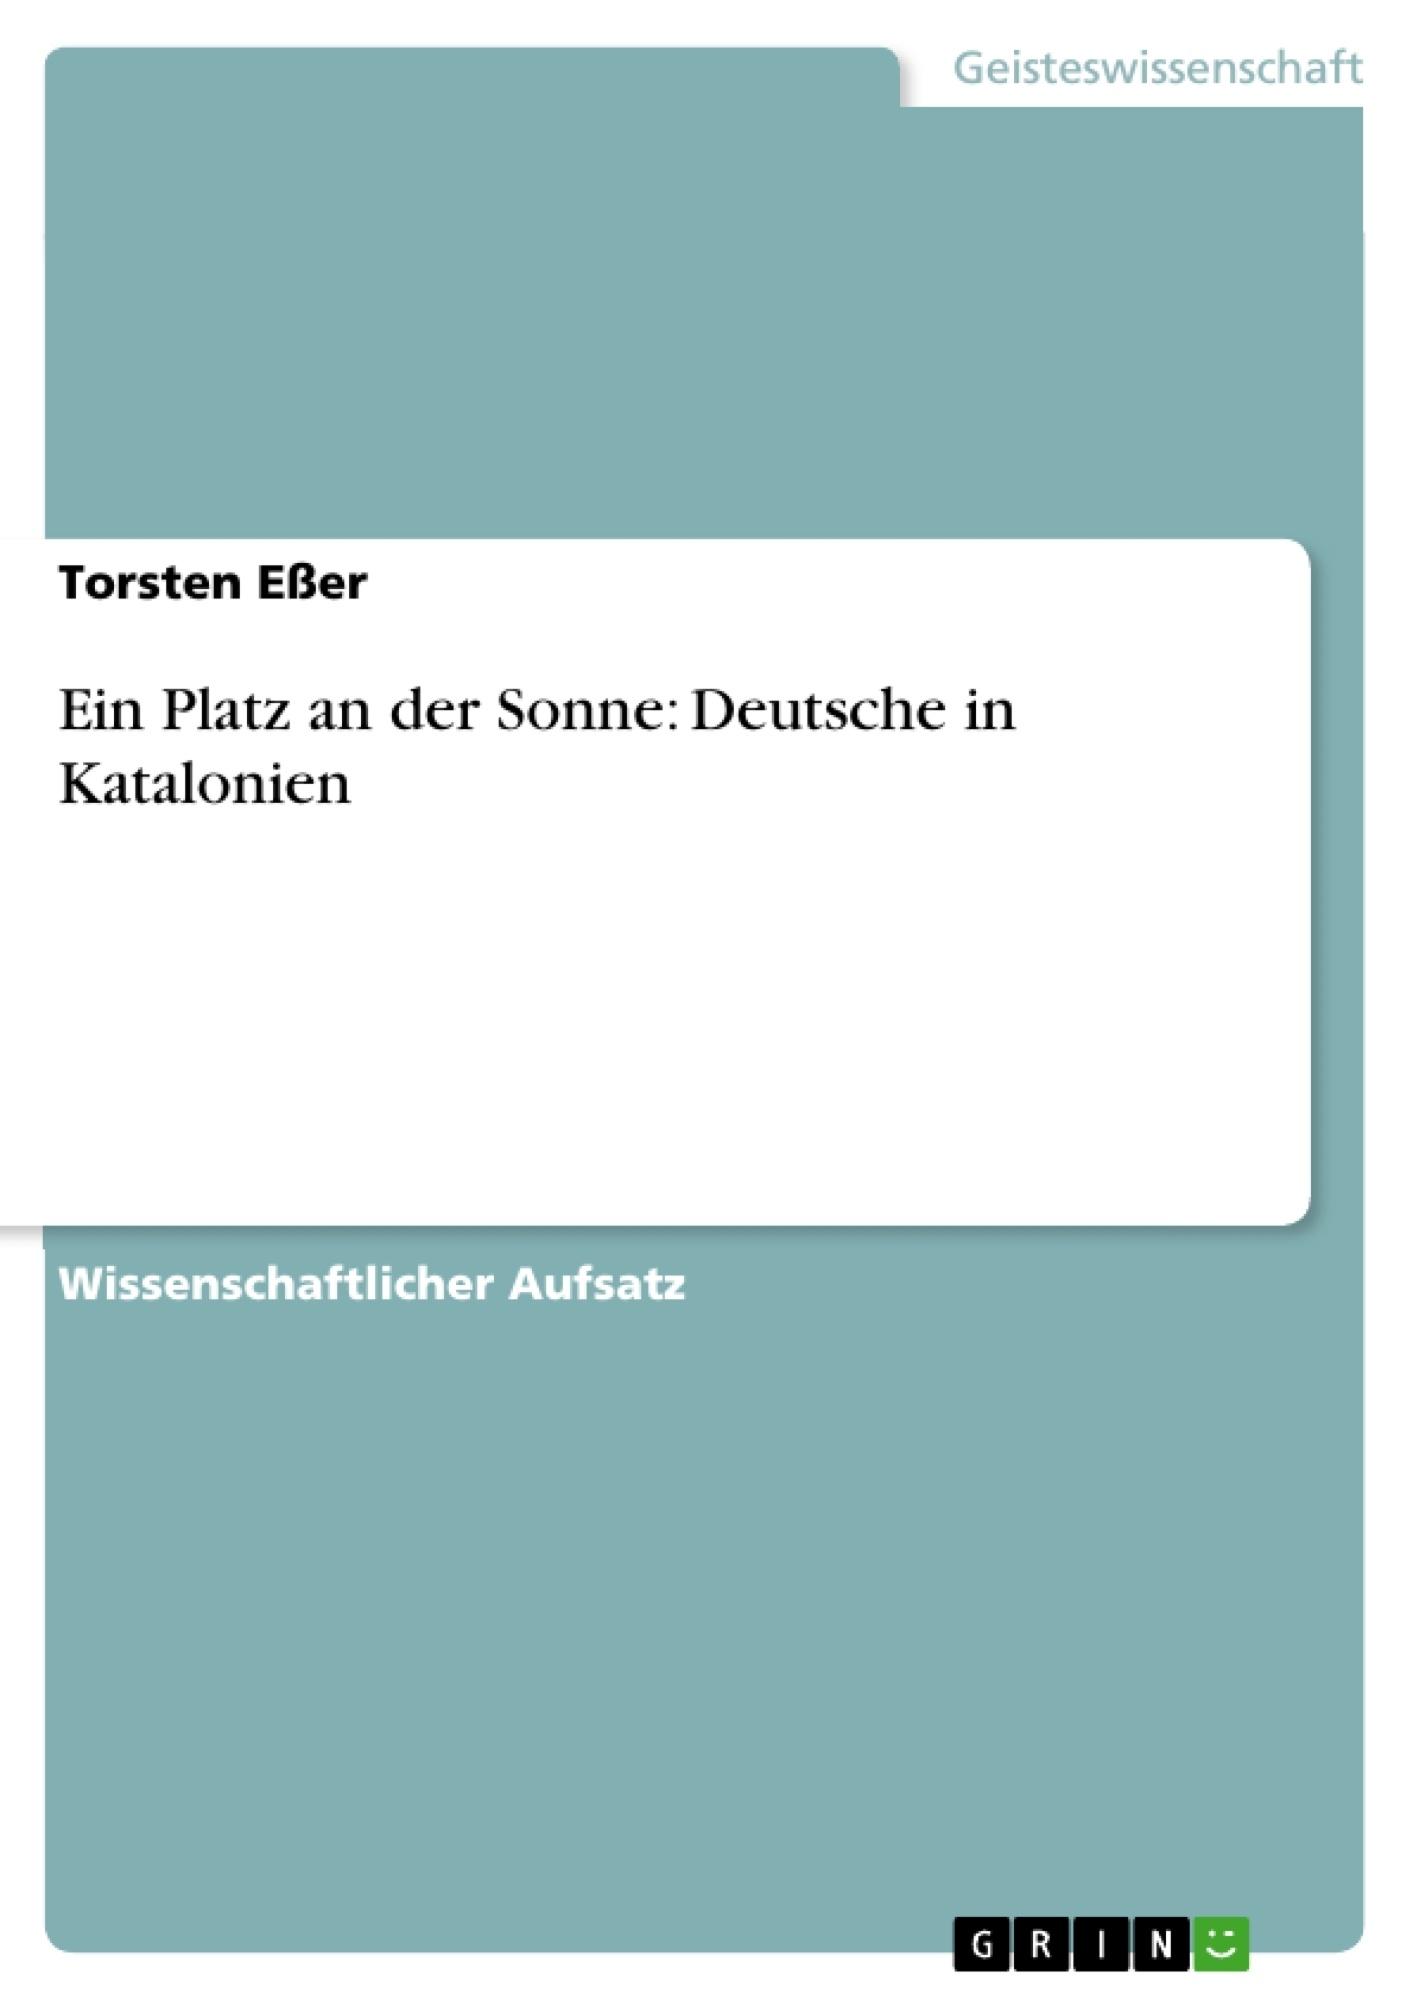 Titel: Ein Platz an der Sonne: Deutsche in Katalonien